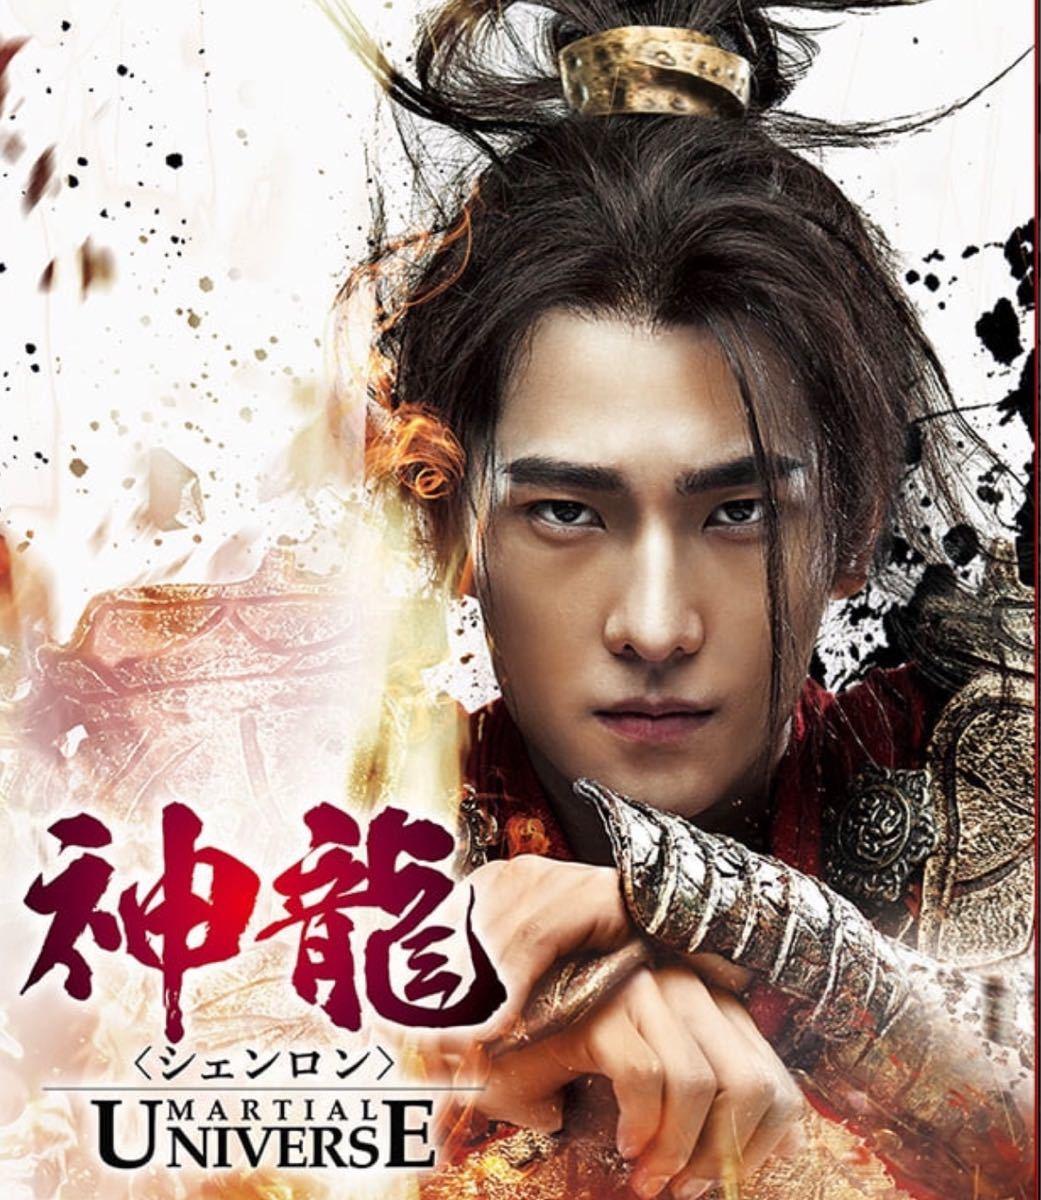 中国ドラマ 神龍 (シェンロン)